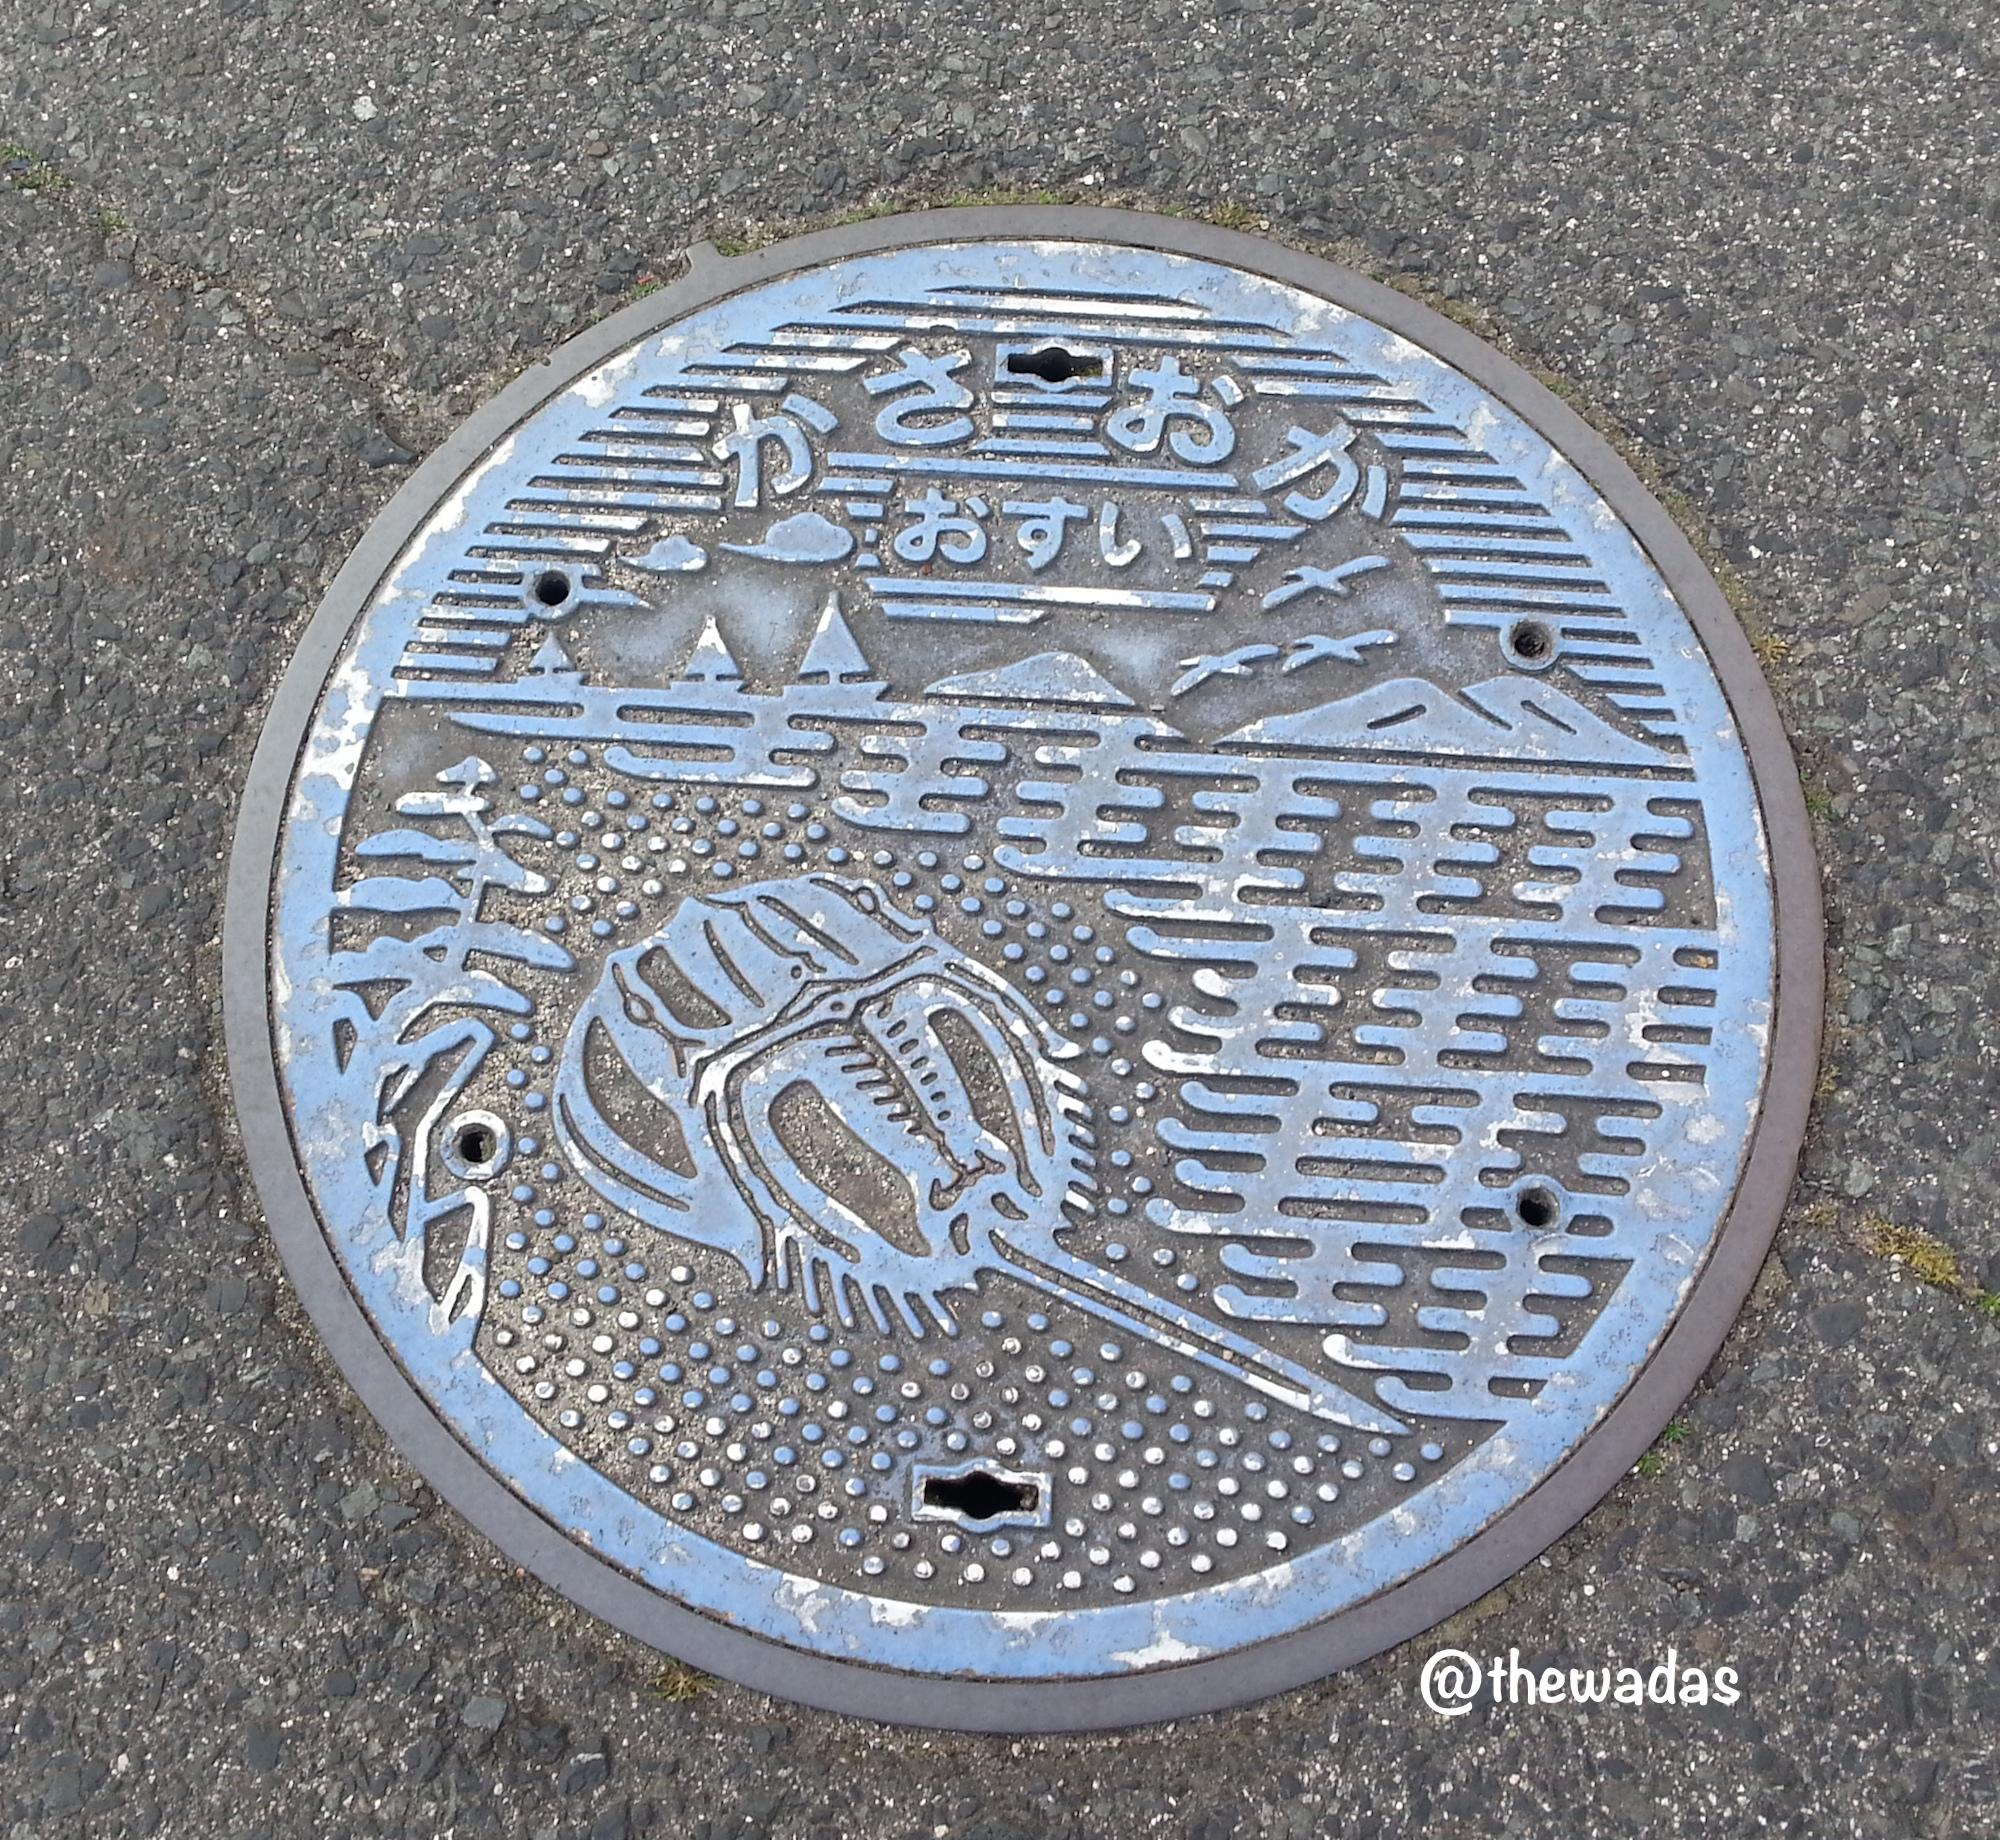 Kasaoka City manhole